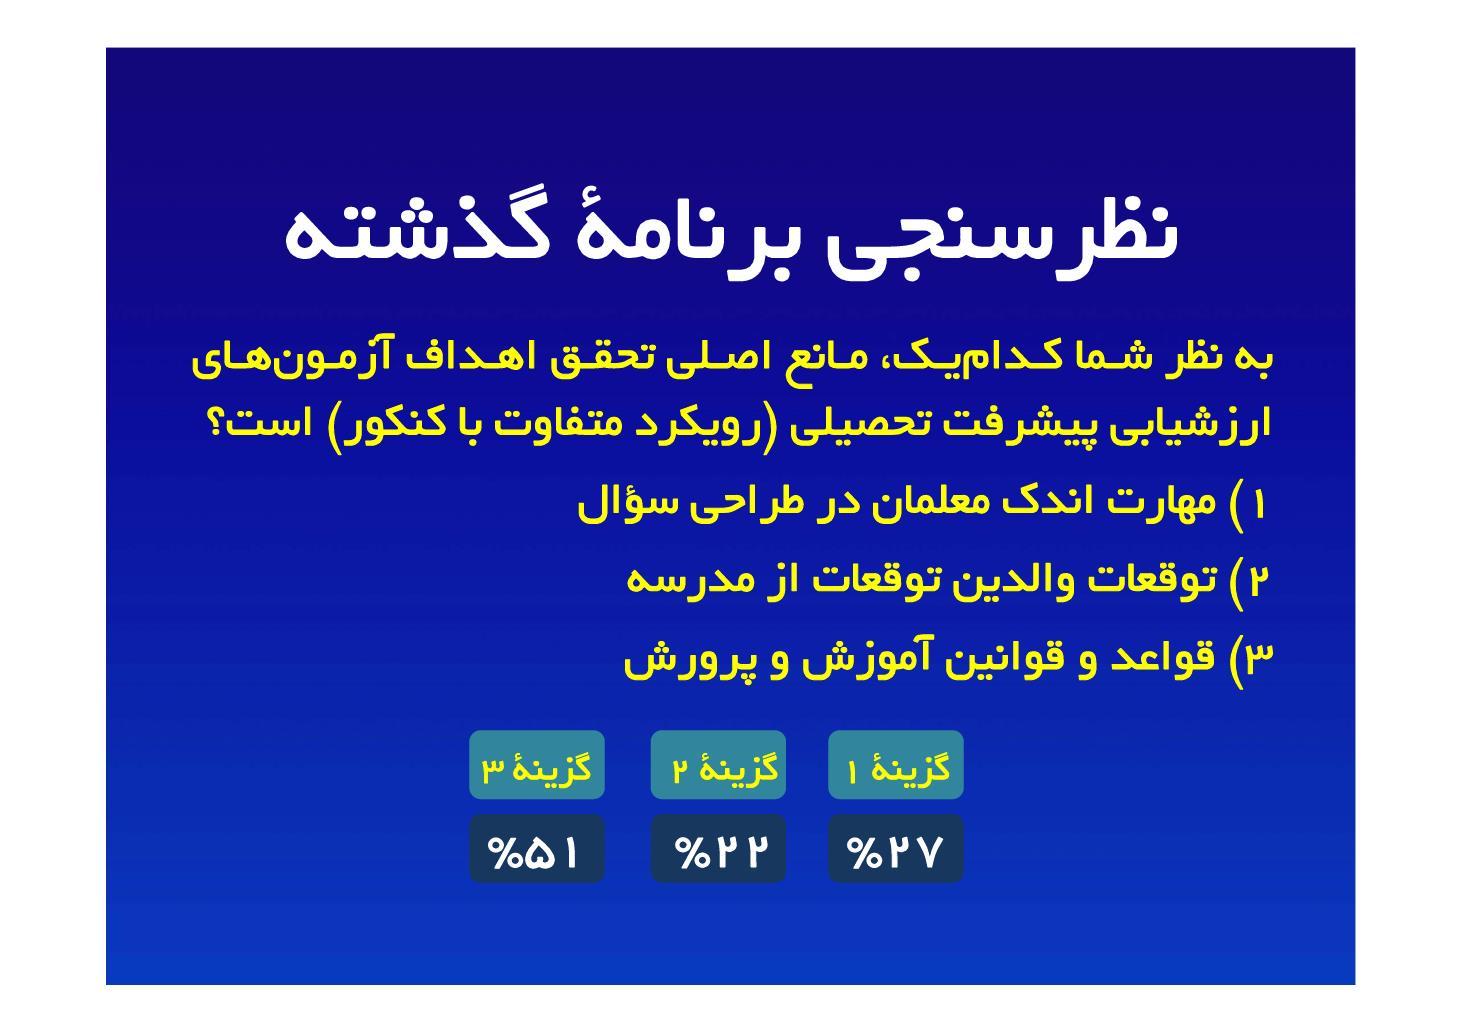 گزینه جوان / ۲۶ بهمن : ارزشيابی پیشرفت تحصیلی در سند تحول - ویژه دوره اول متوسطه (PDF)